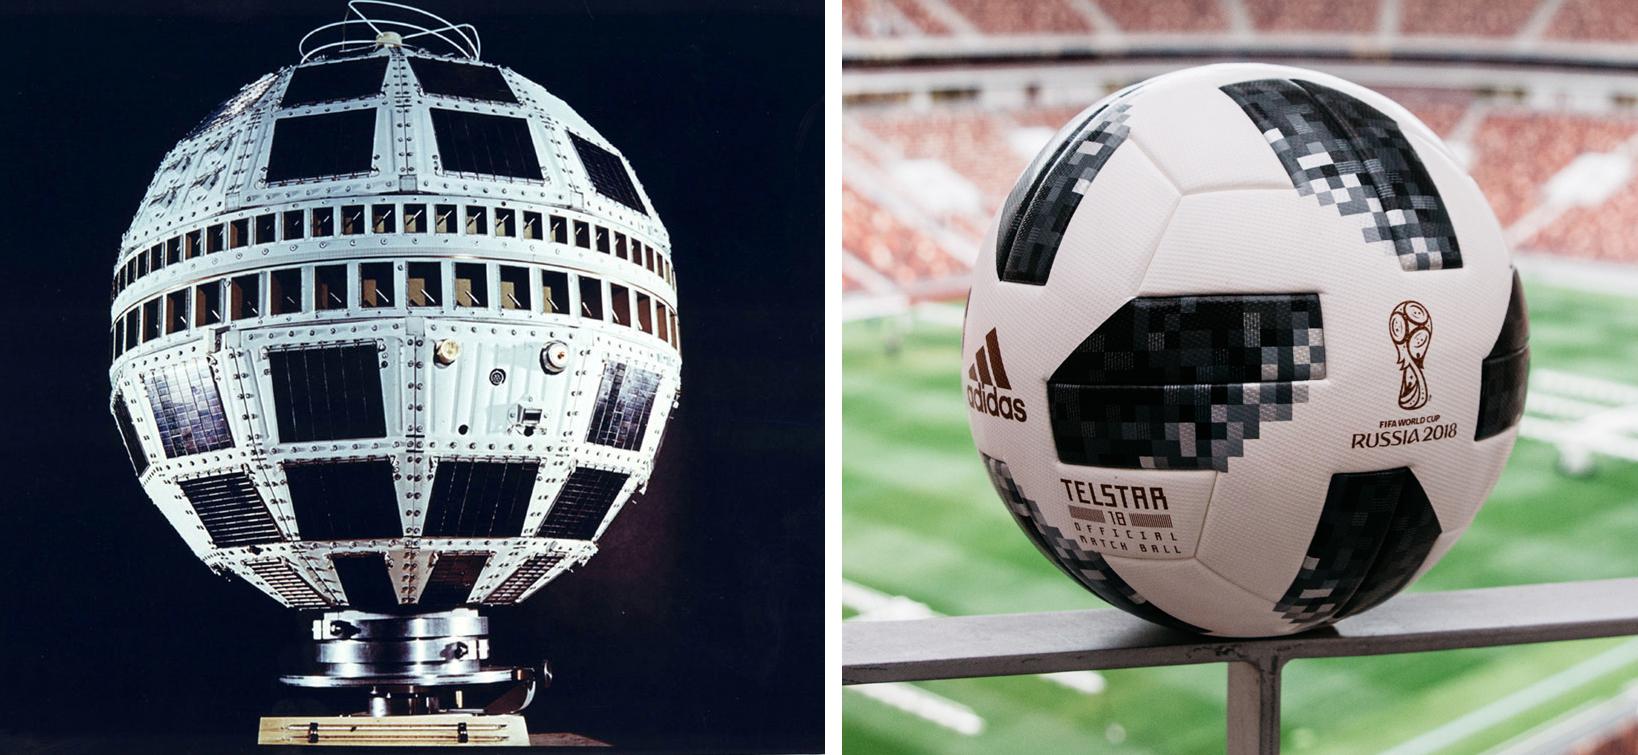 Los Secretos De Telstar 18 El Balón Espacial Con El Que Se Juega